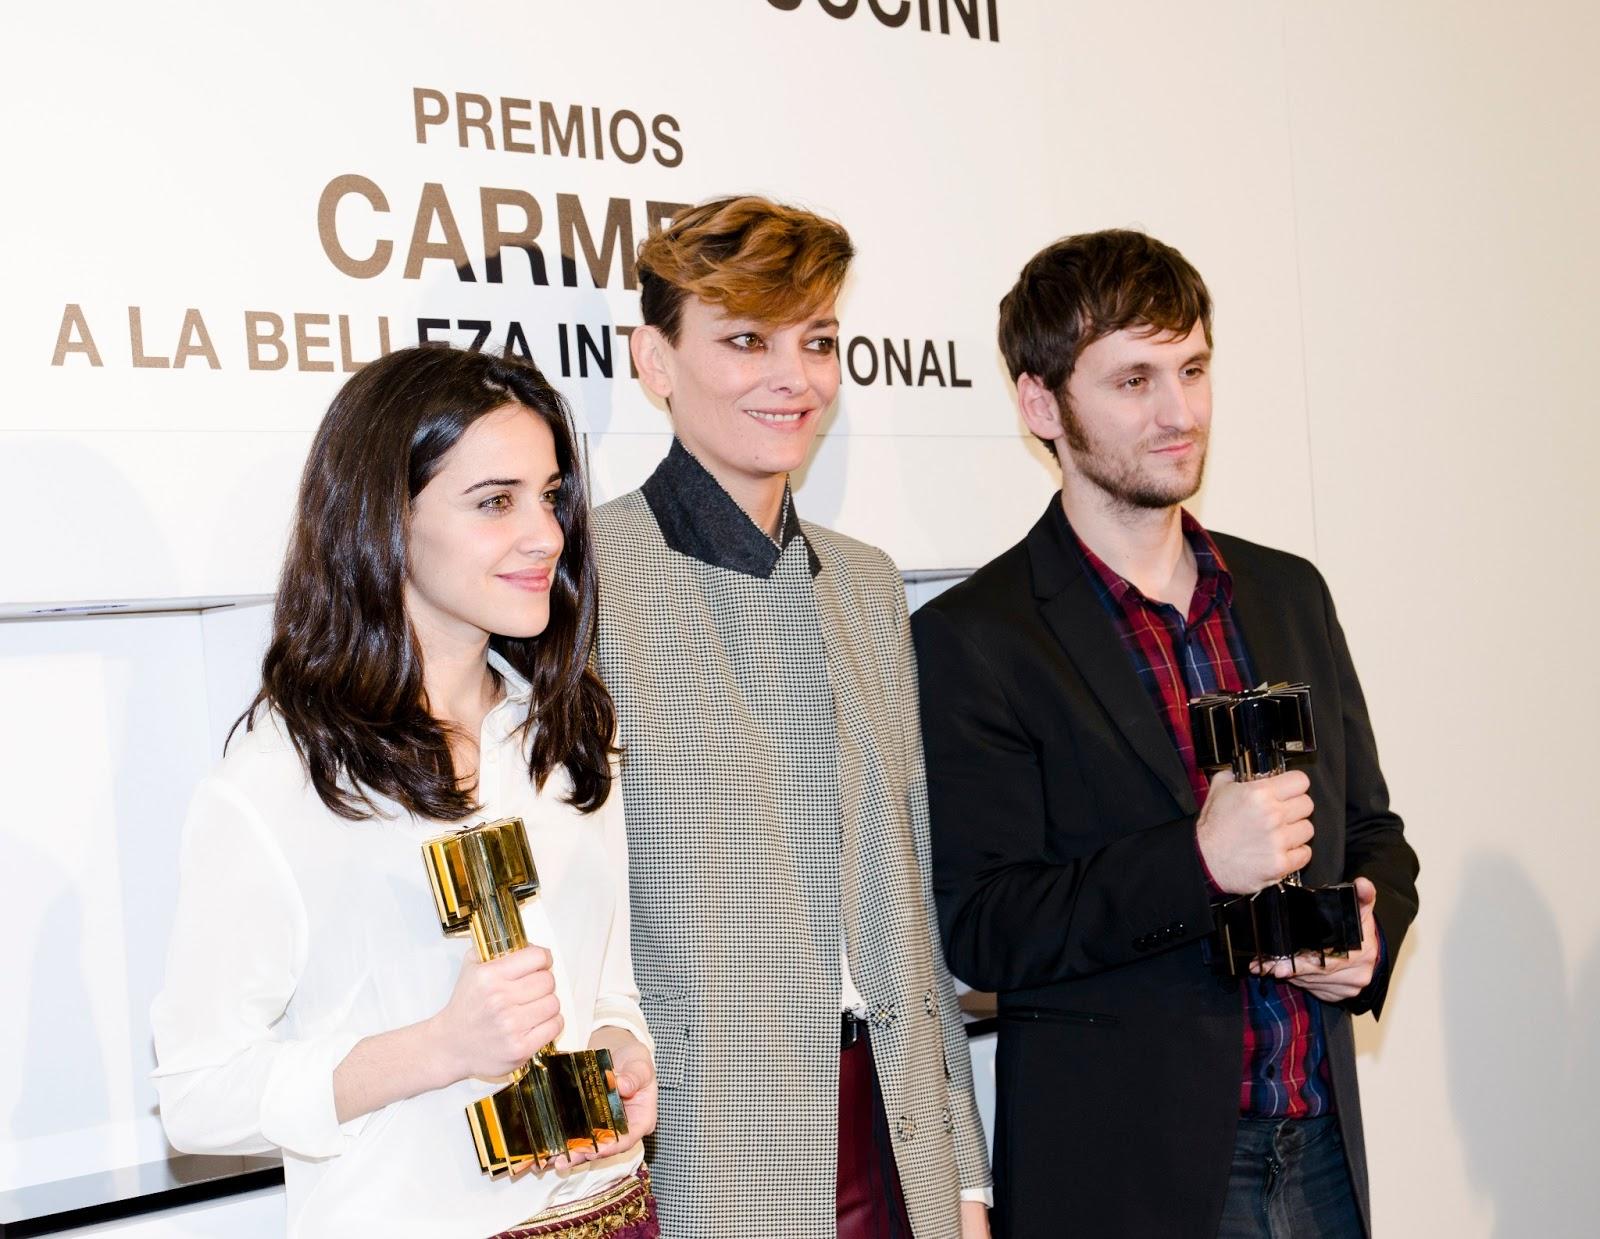 Germaine de Capuccini y las Bellezas más Internacionales del Cine Español, y las Estatuillas de Laura Ponte